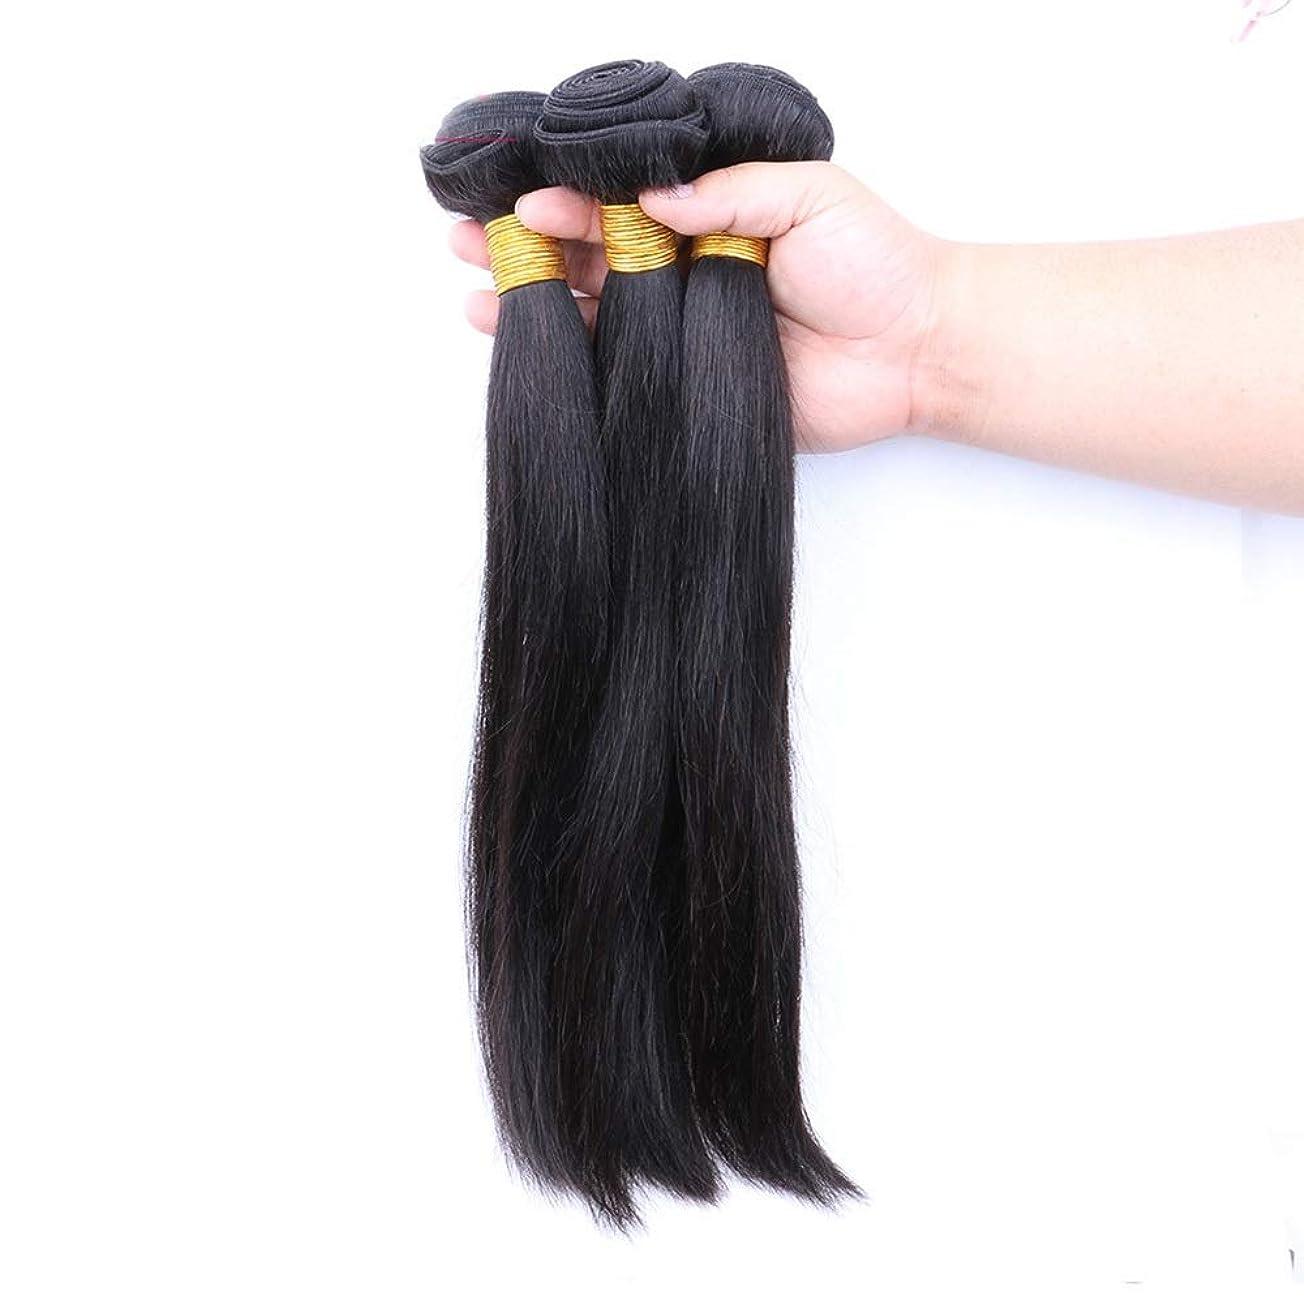 ブロー許可過度にWASAIO ブラジルスクエア人間の髪バンドルシルキーバージン織り拡張リアルブラック (色 : 黒, サイズ : 18 inch)